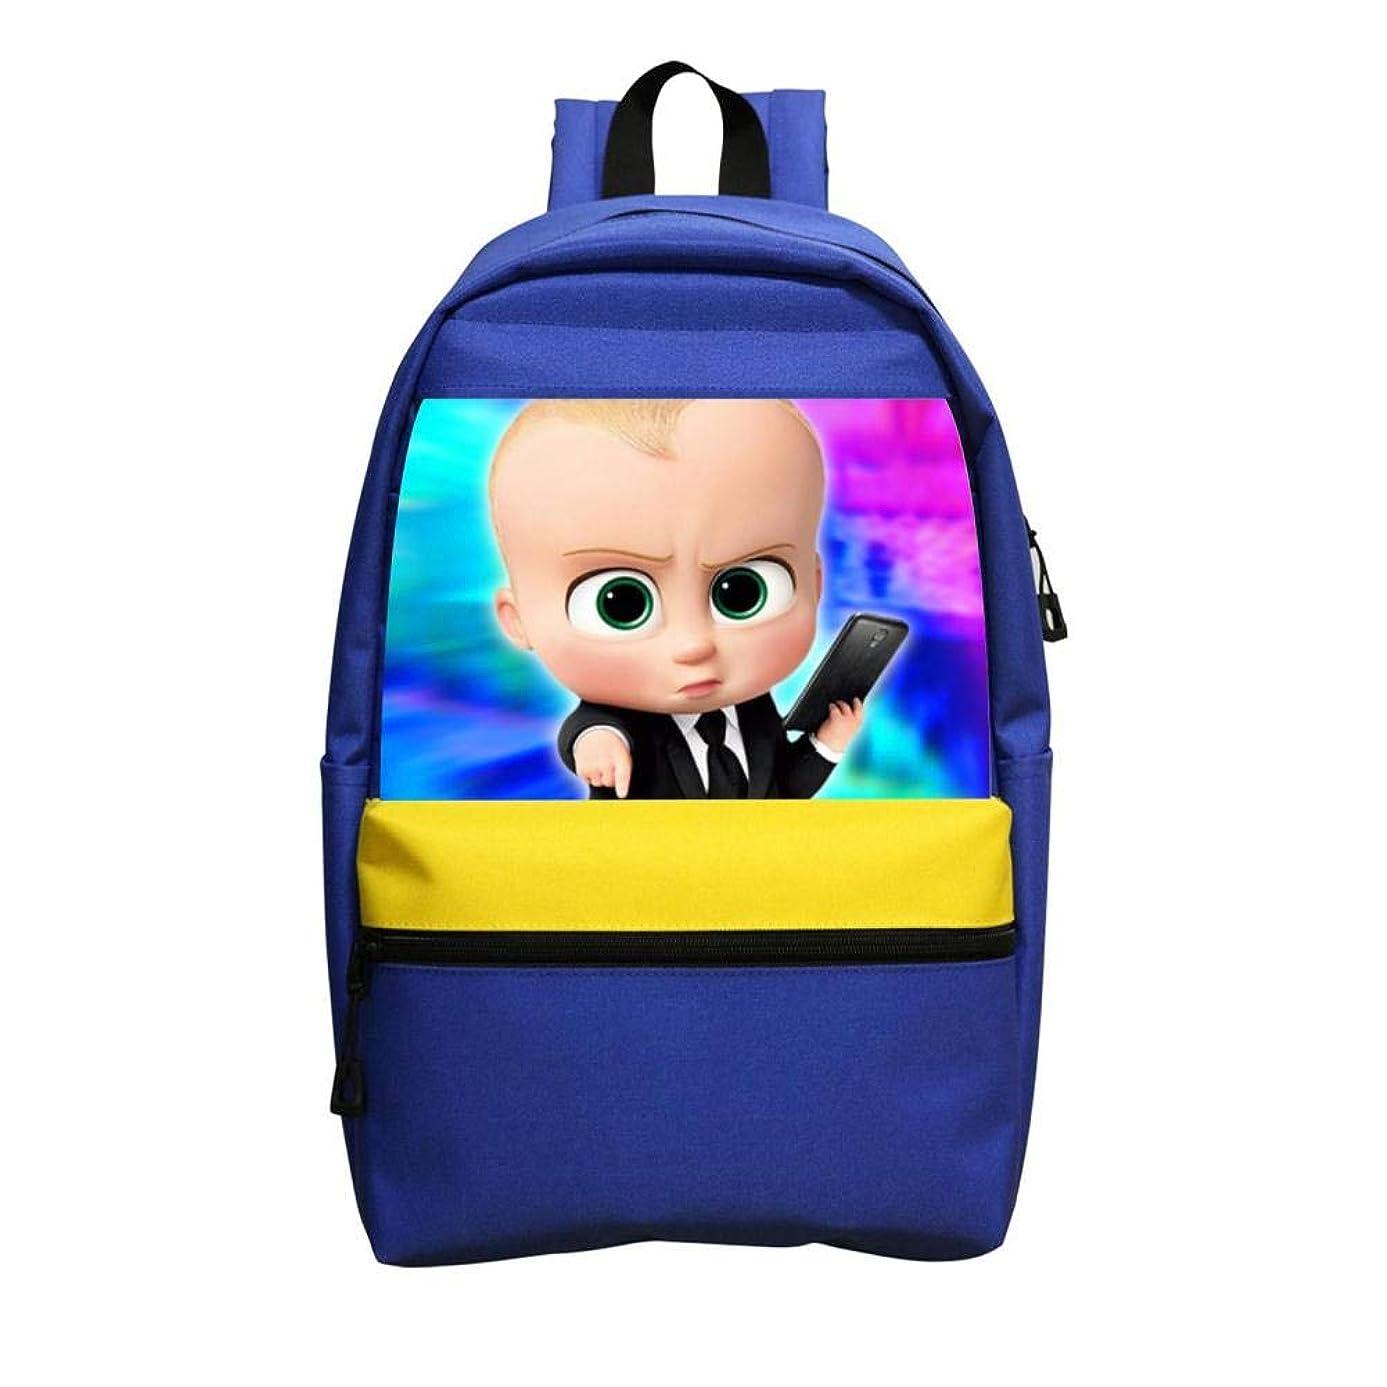 Custom The Boss-Baby Children School Bags Back Pack School Kid's Backpacks